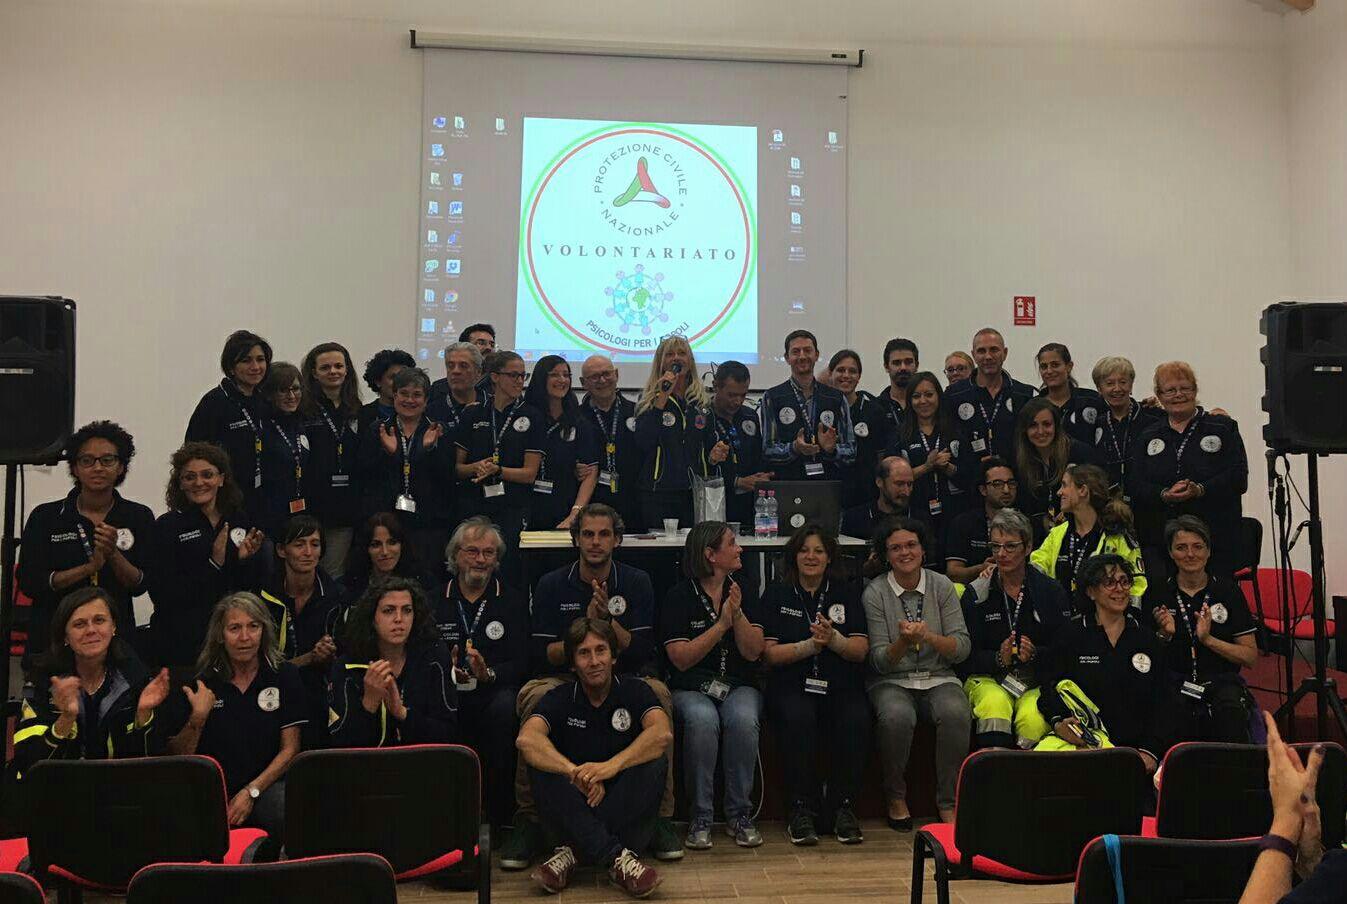 10 campo scuola Marco di Rovereto 2016-09-30